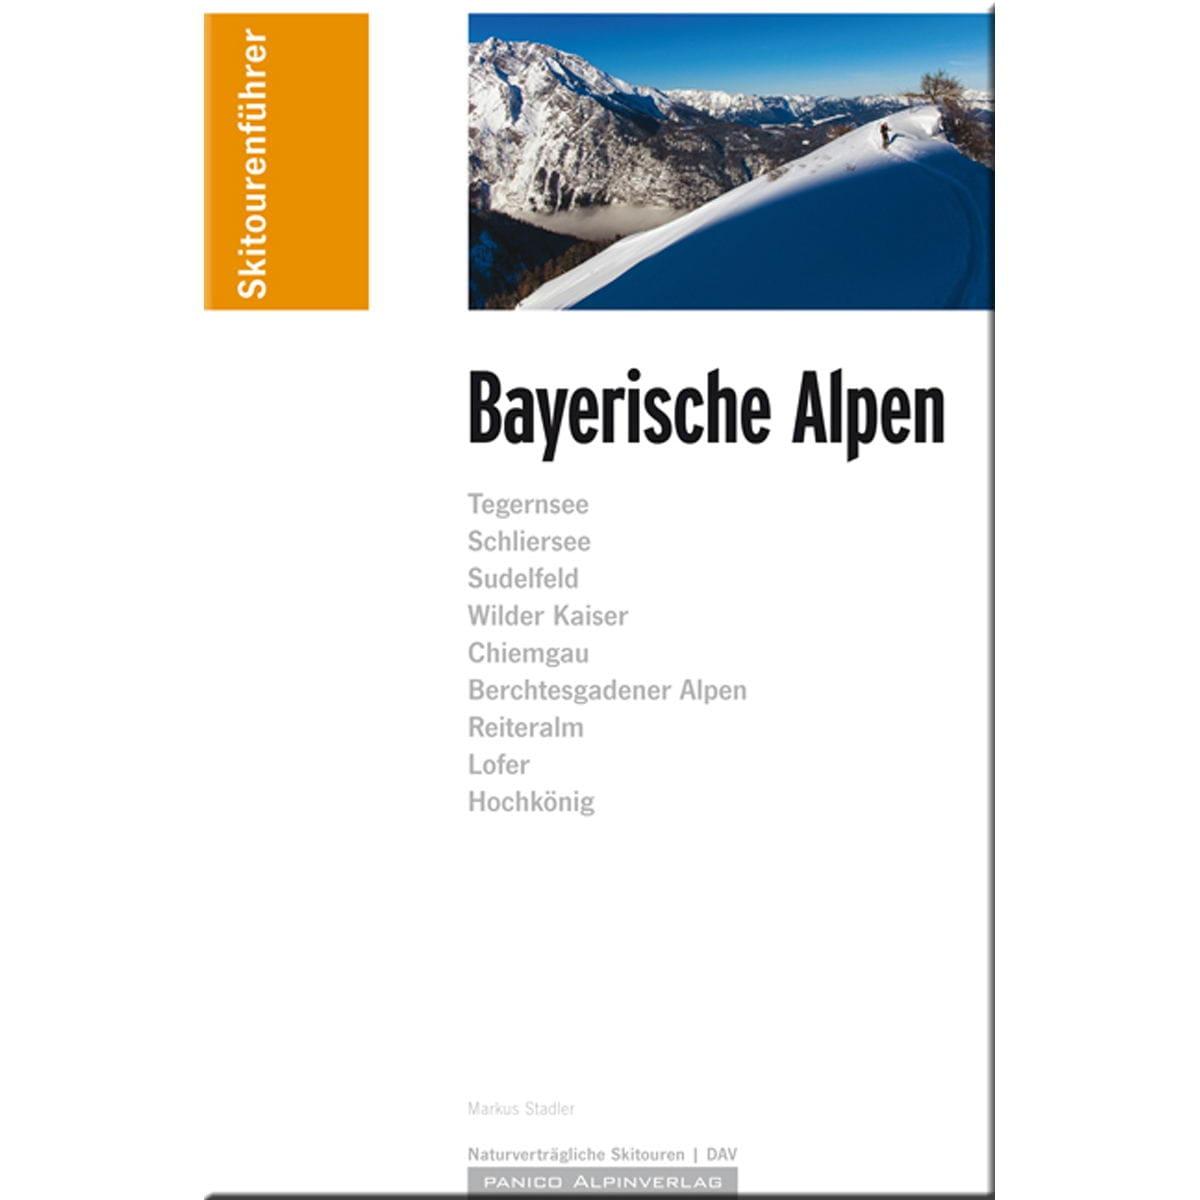 Panico Verlag Bayerischen Alpen - Skitourenführer - Bild 1